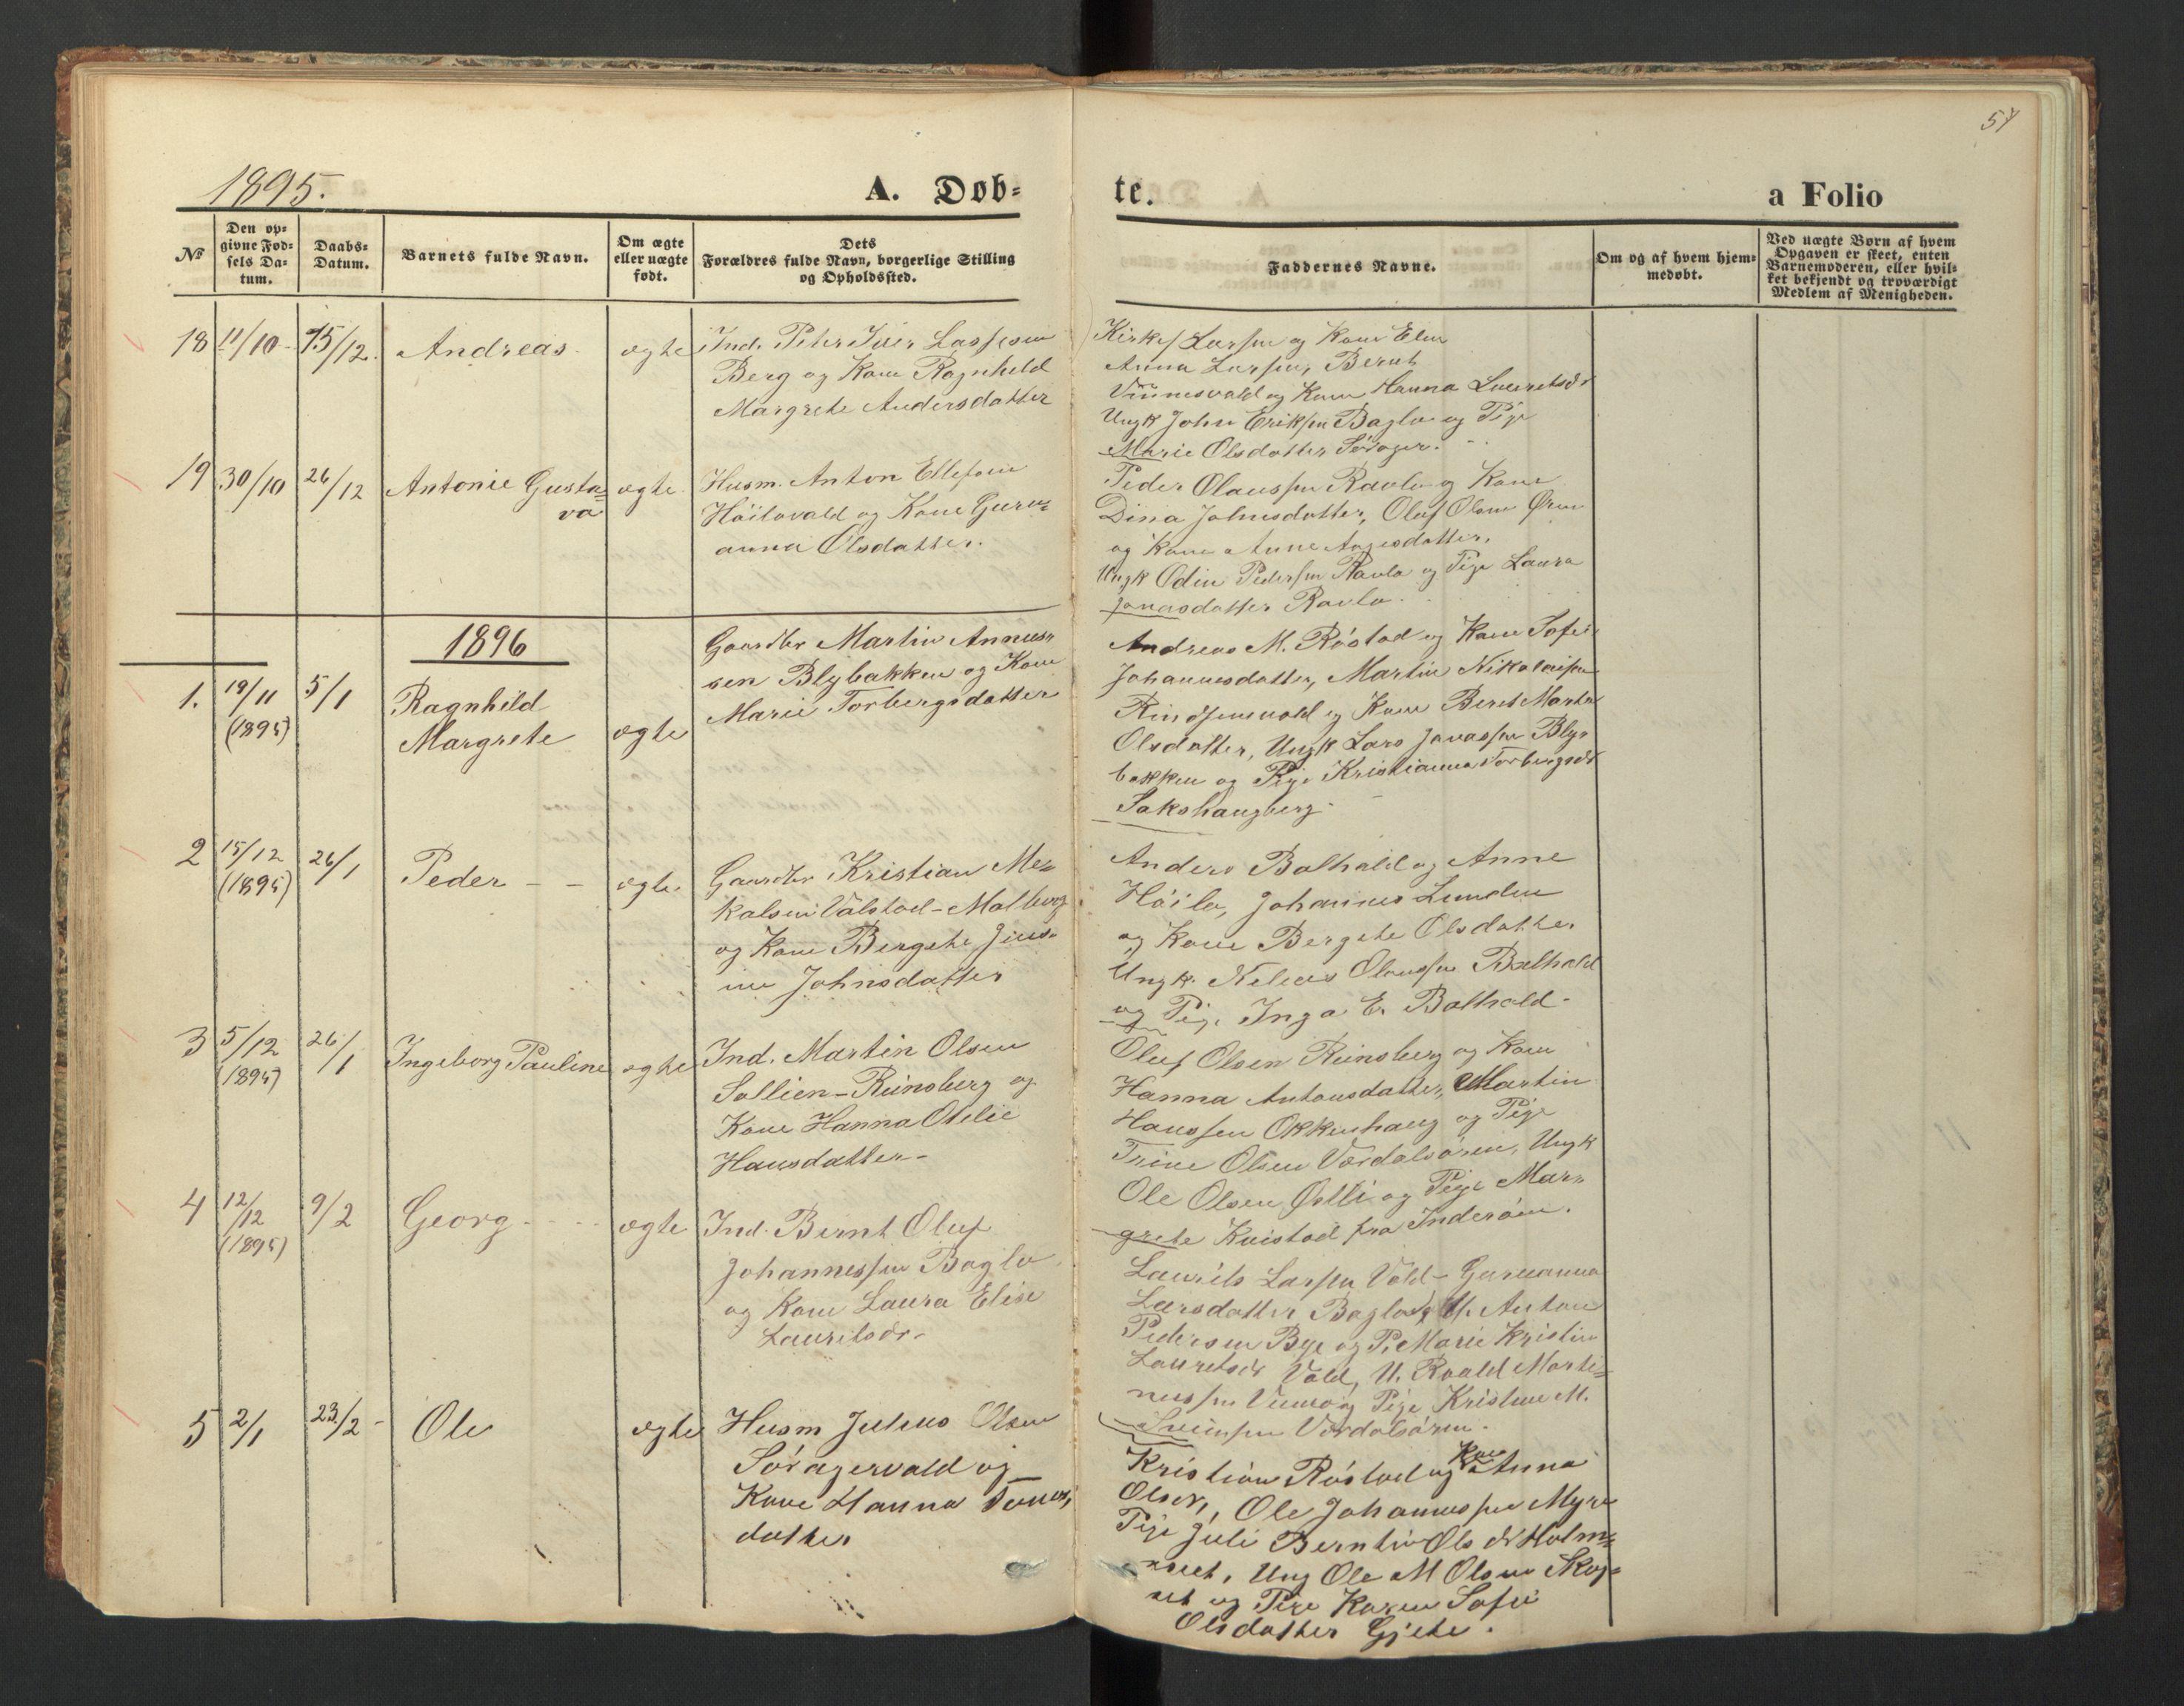 SAT, Ministerialprotokoller, klokkerbøker og fødselsregistre - Nord-Trøndelag, 726/L0271: Klokkerbok nr. 726C02, 1869-1897, s. 57